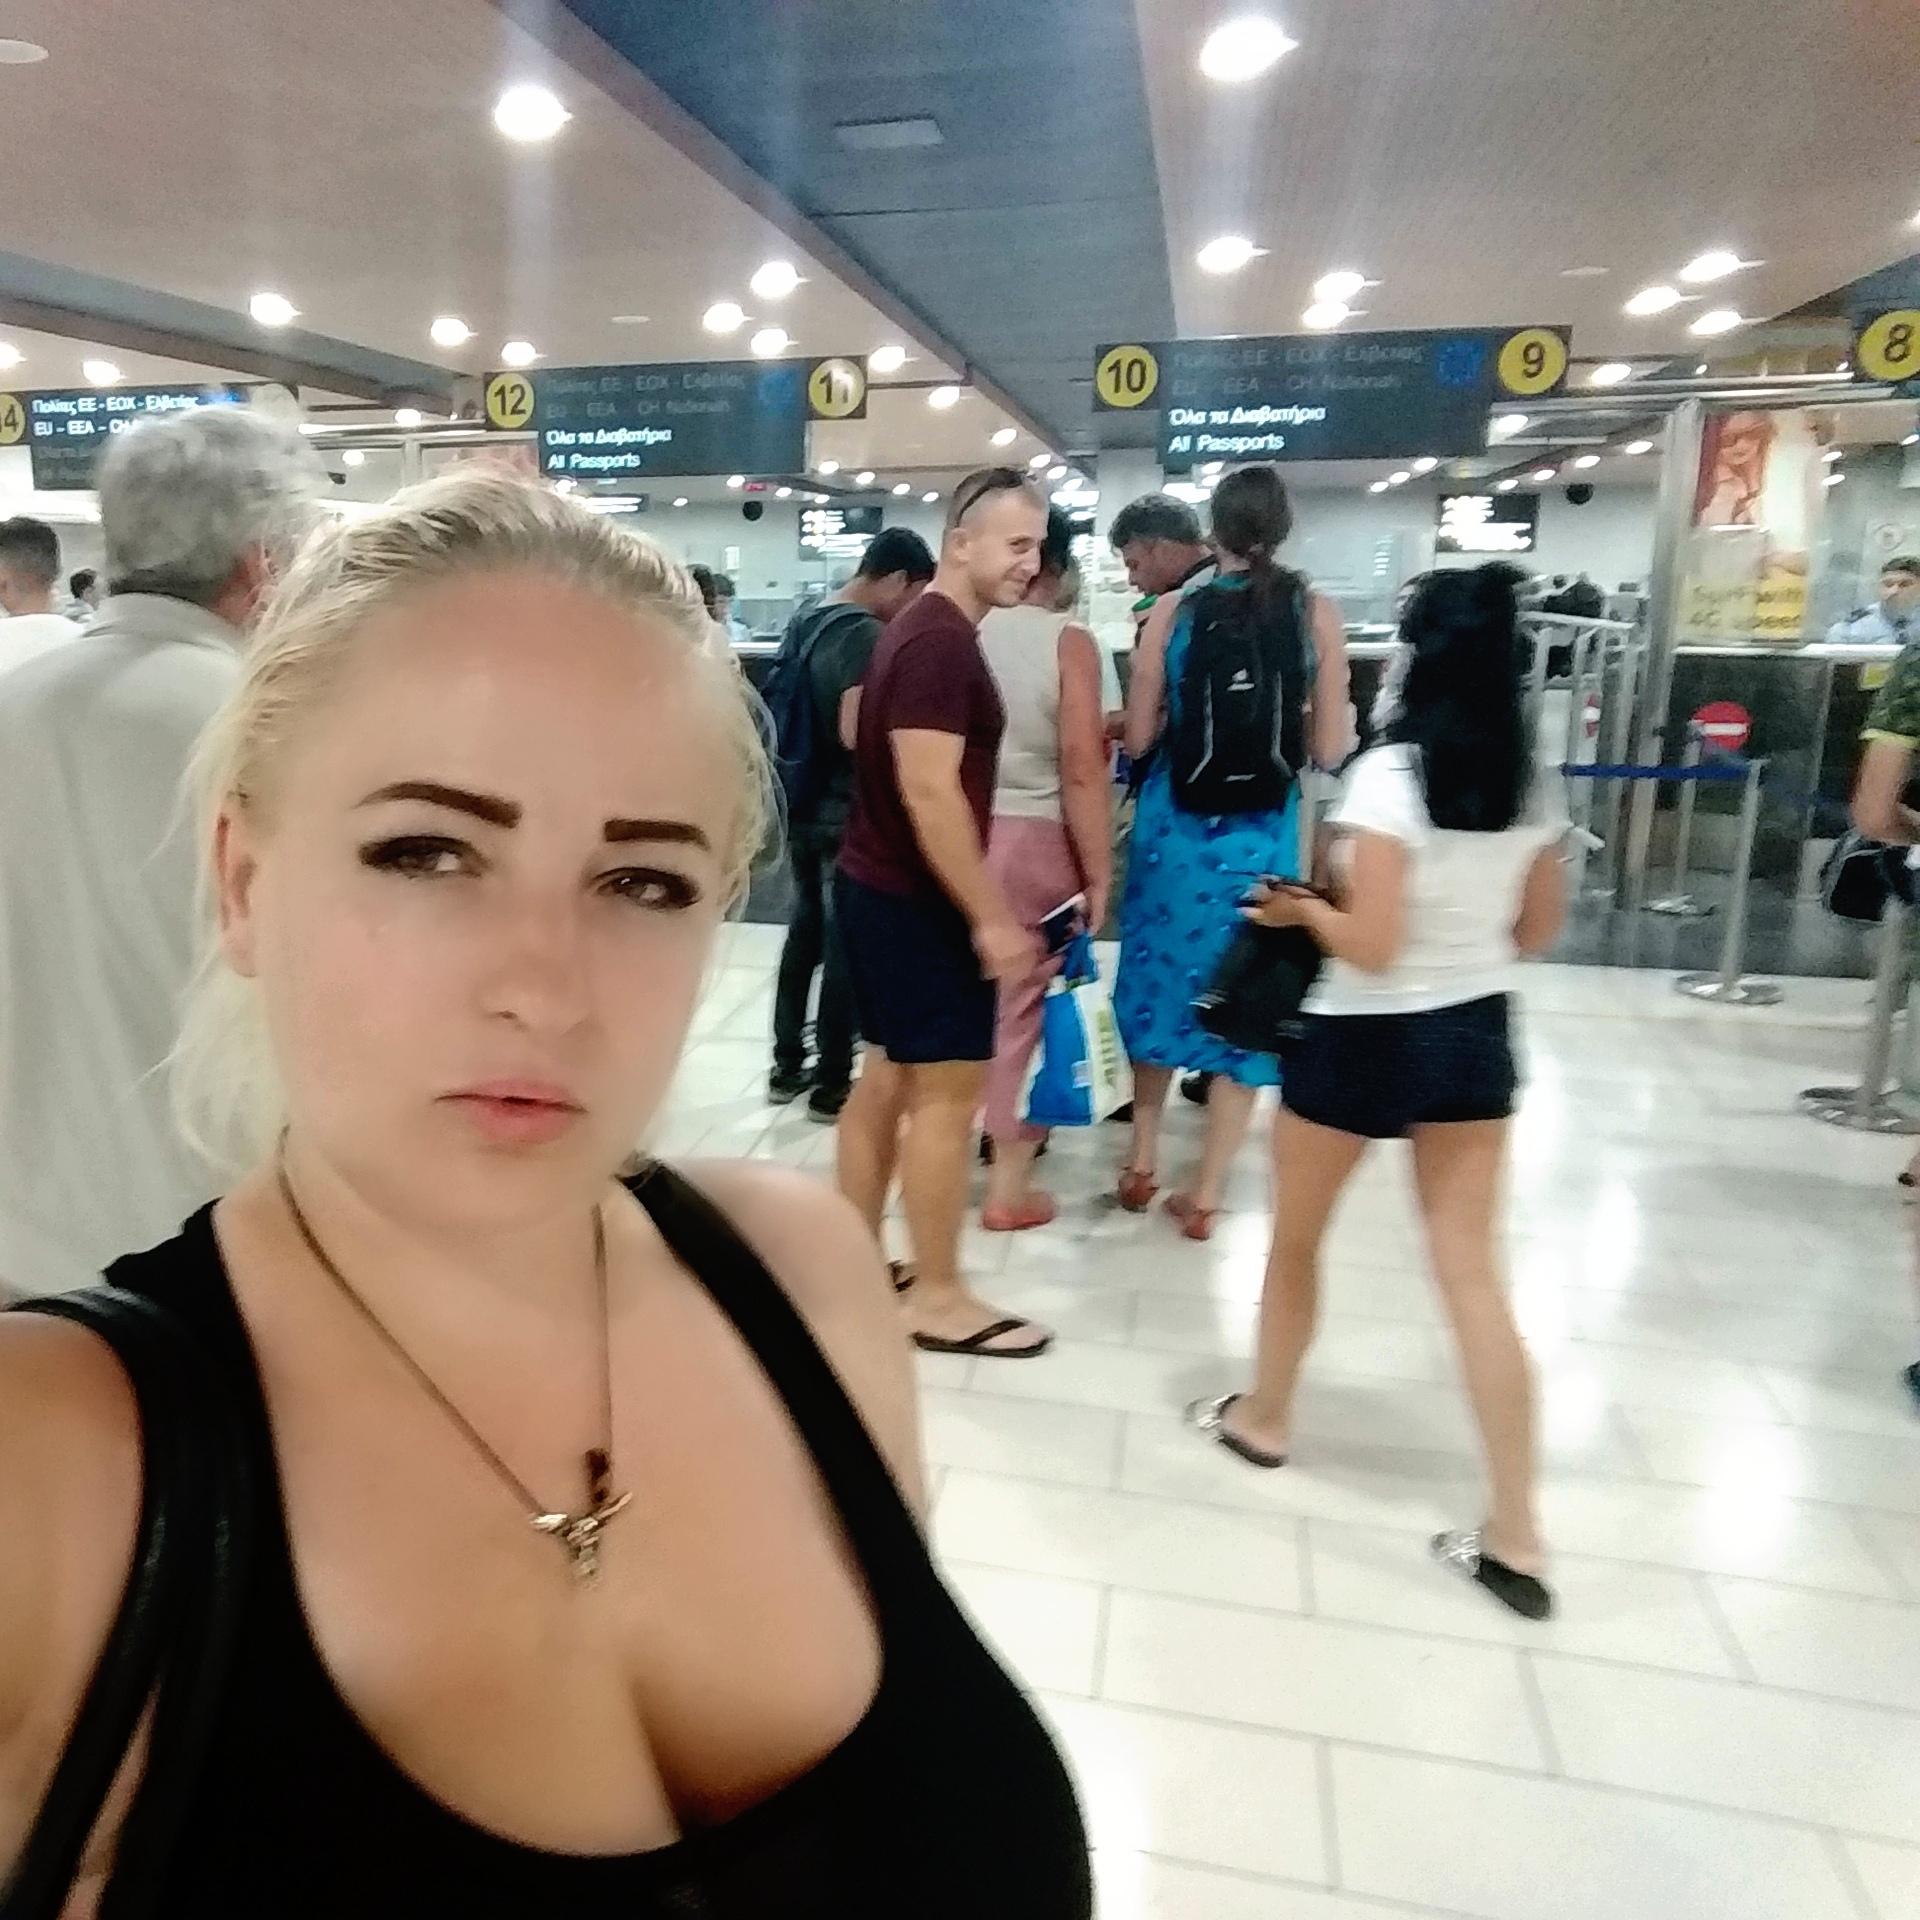 перелет - Елена Руденко (Валтея). Кипр мои впечатления. отзывы, достопримечательности, фото и видео.  TMvwvbaY9ZI